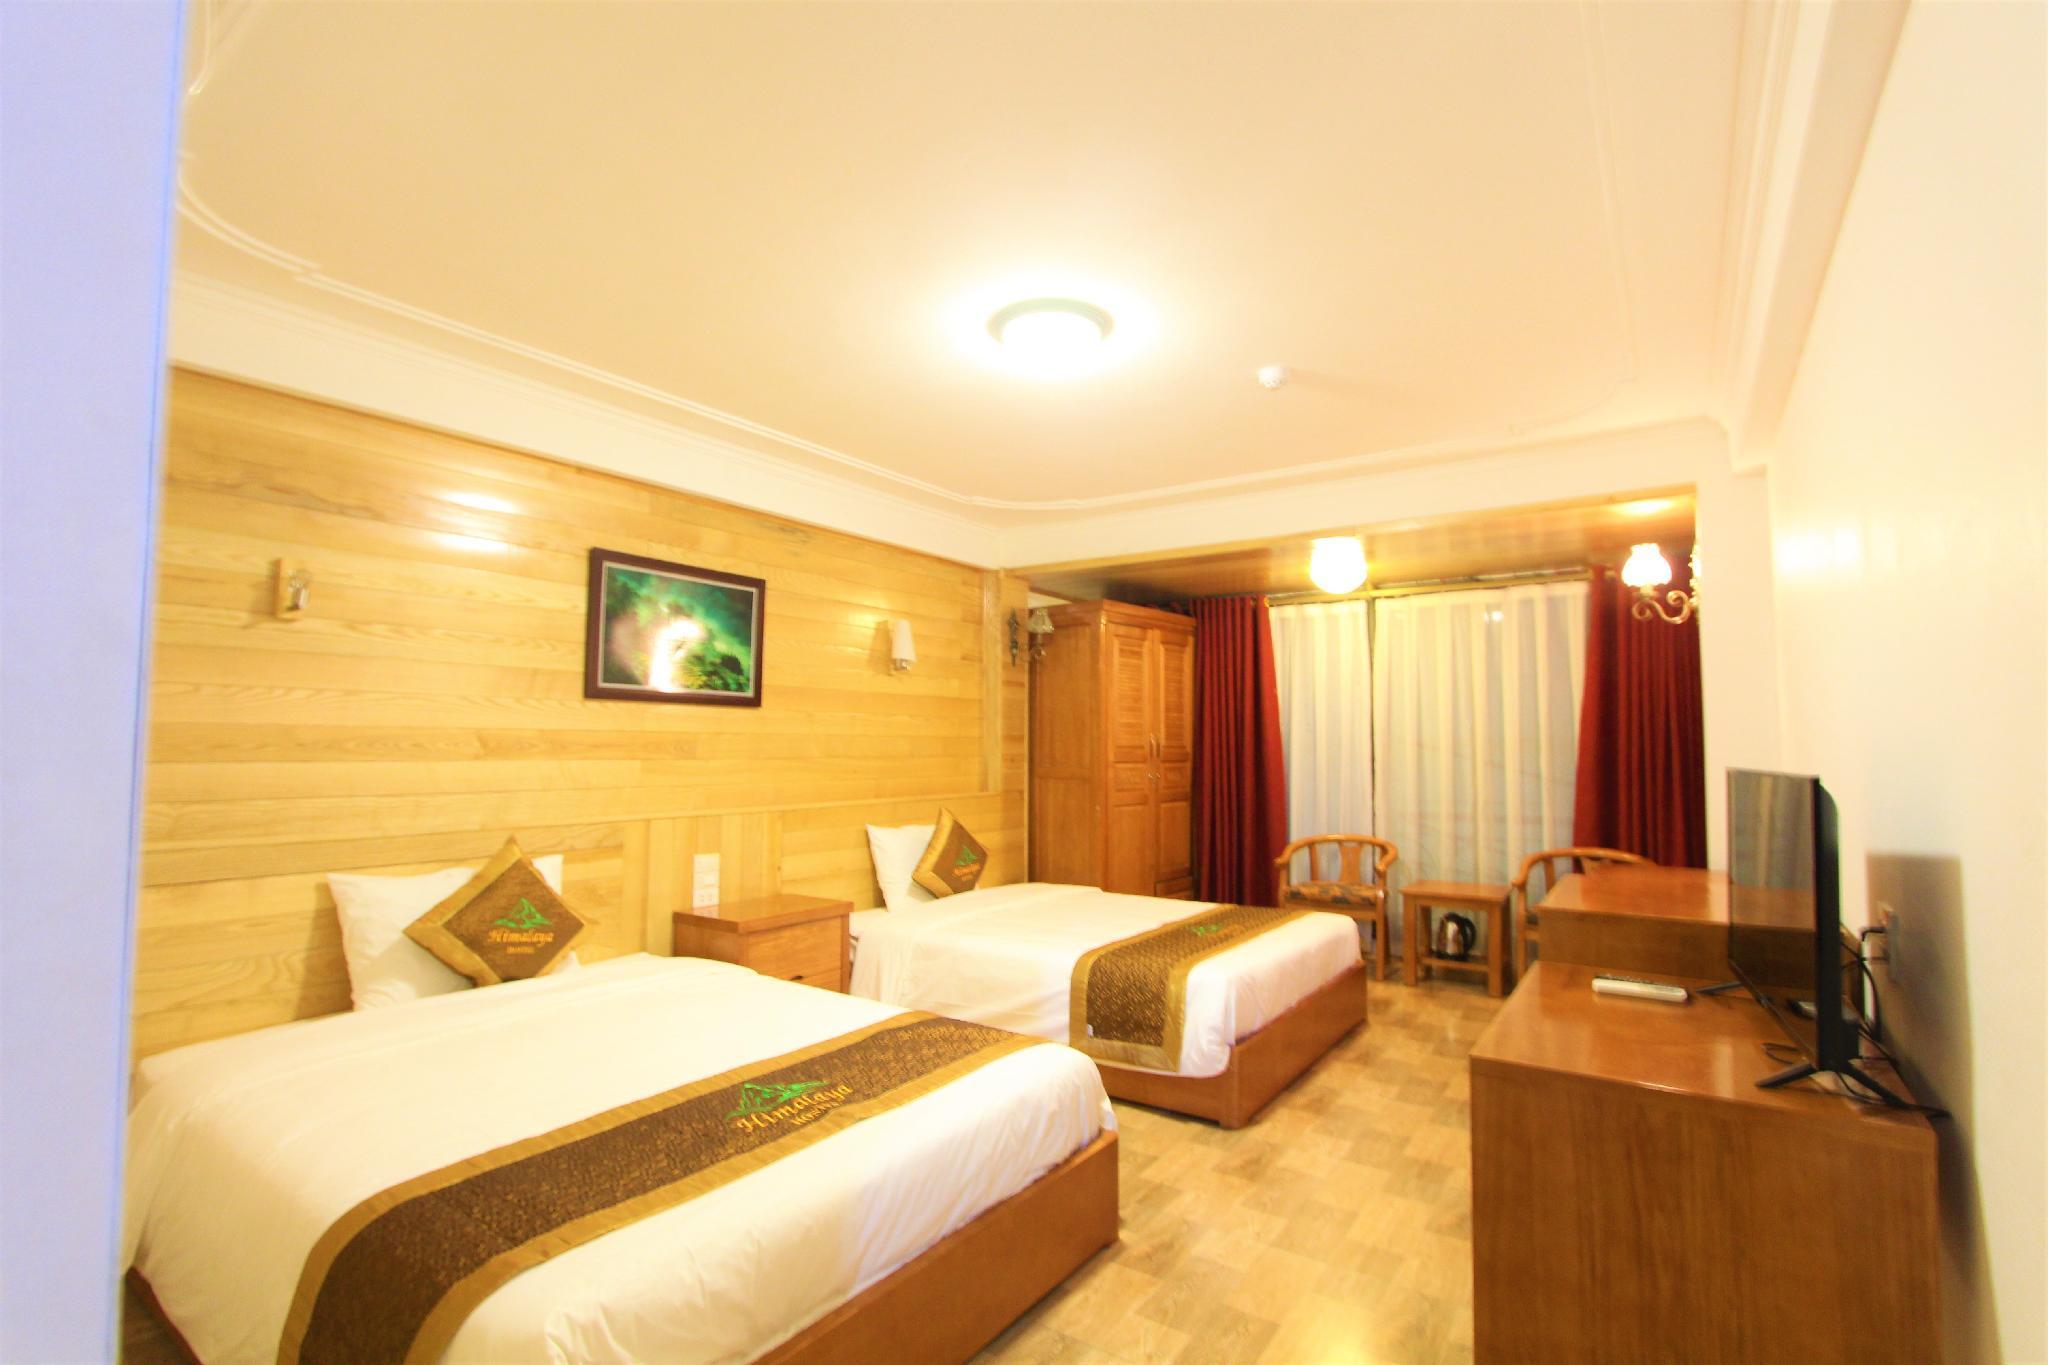 HIMALAYA HOSTEL ROOM